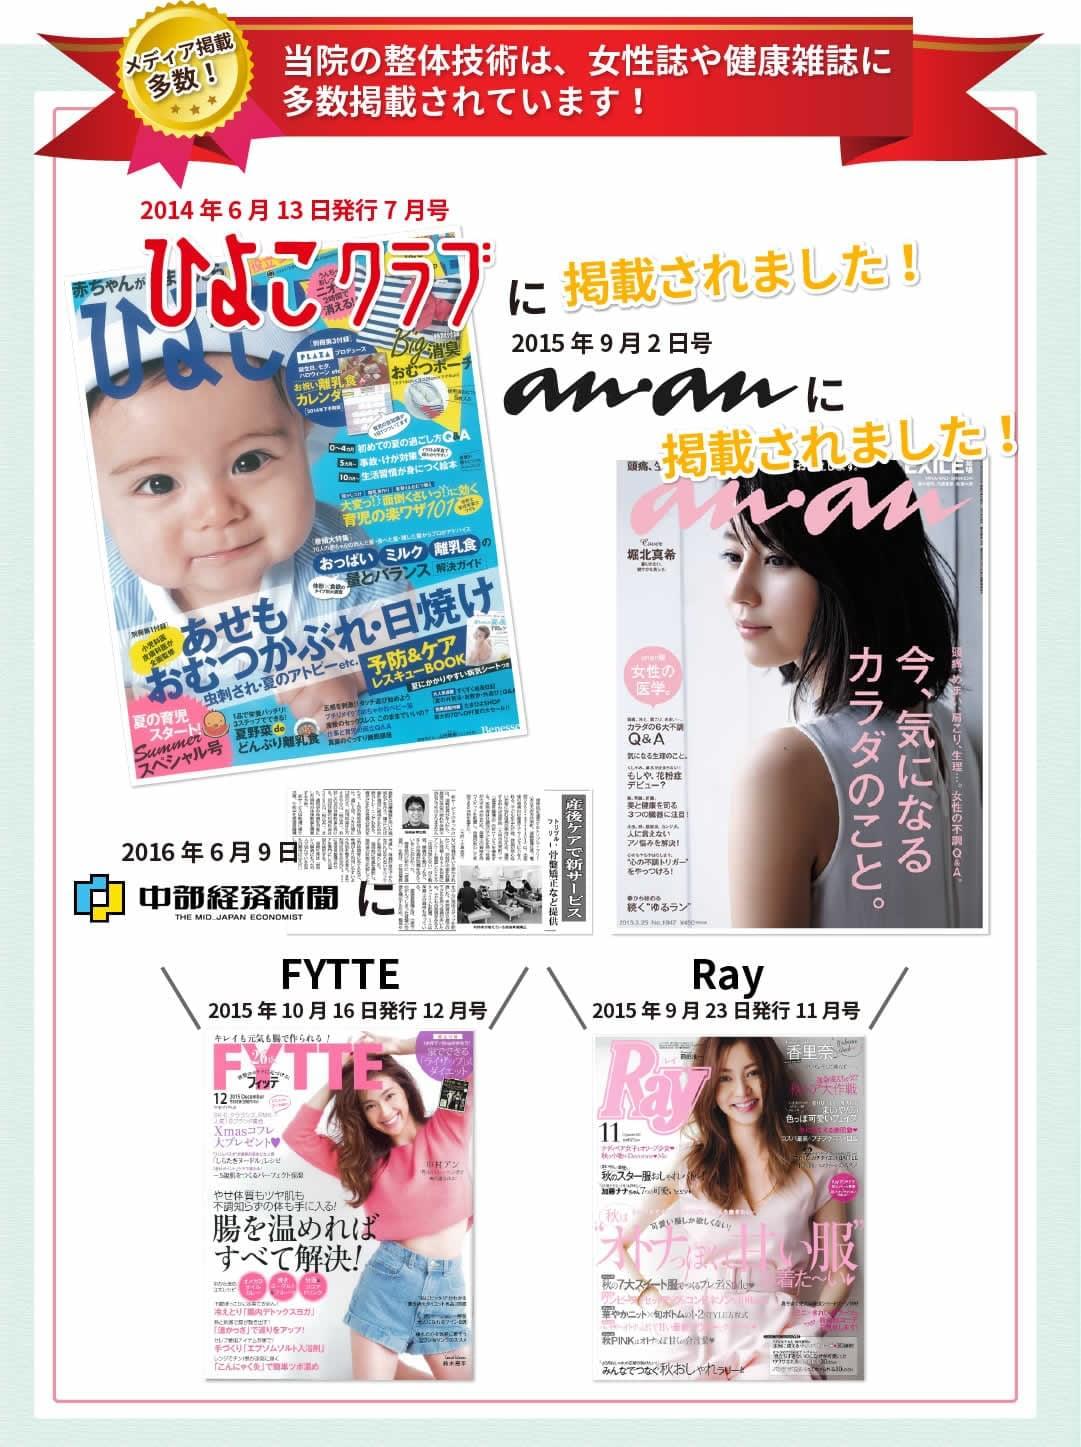 当院の整体技術は、女性誌や健康雑誌に多数掲載されています!